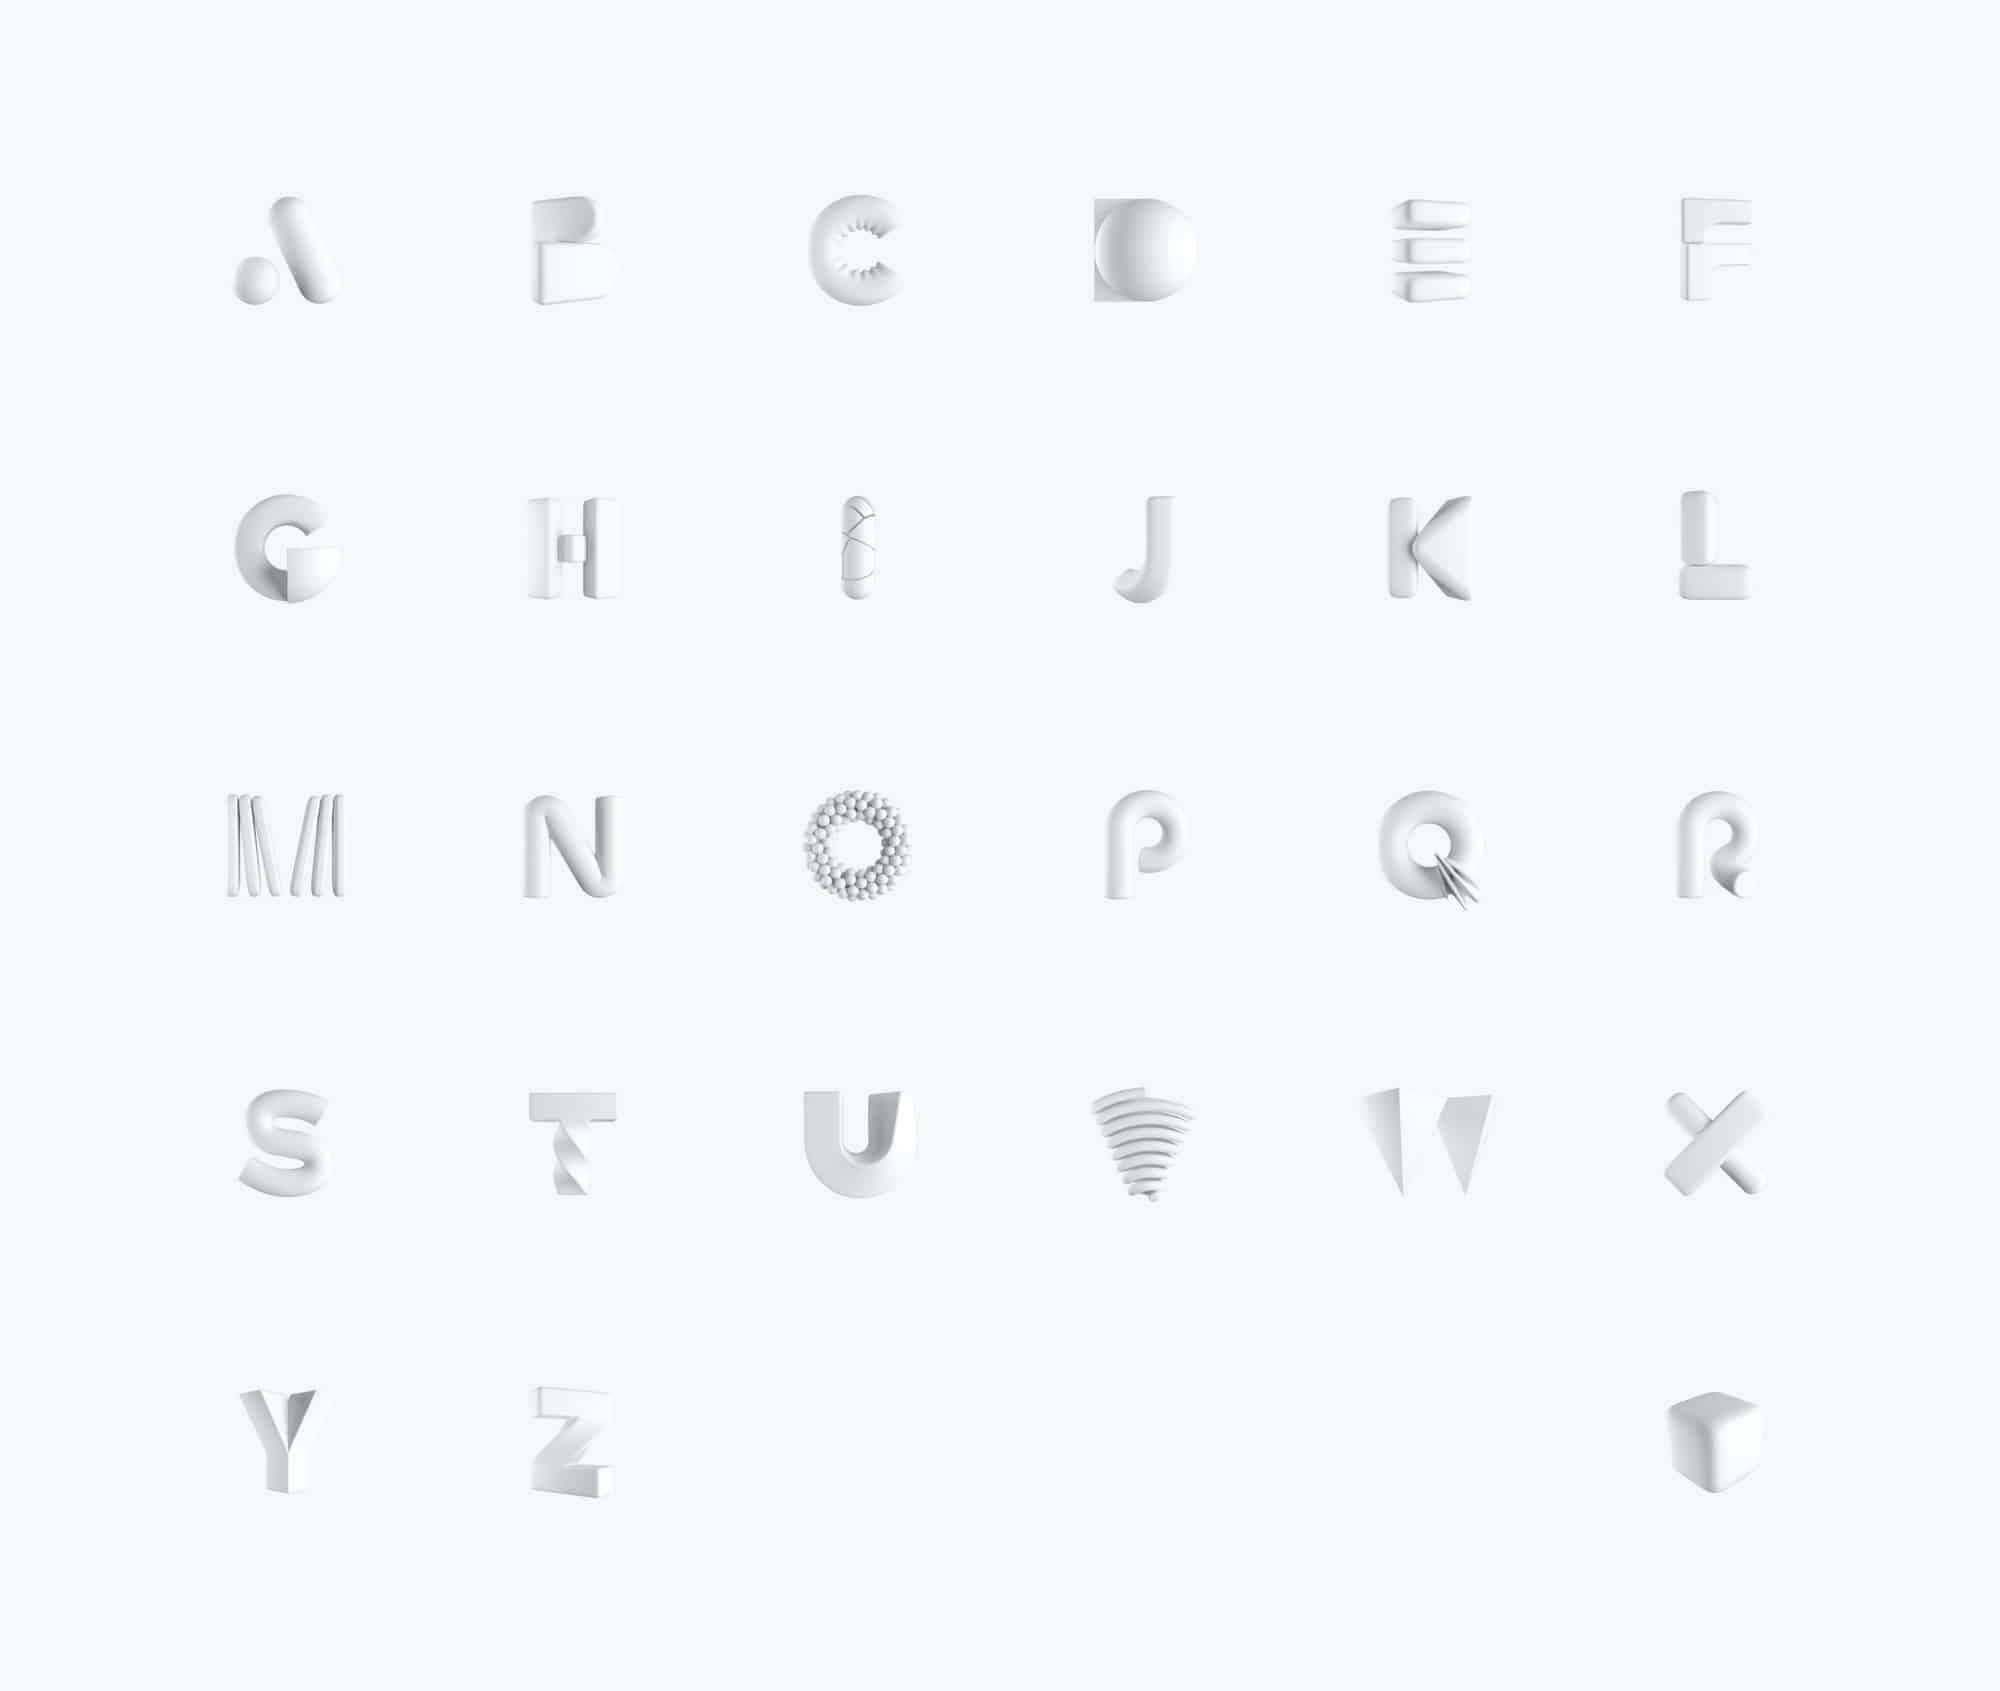 UI avatar symbols